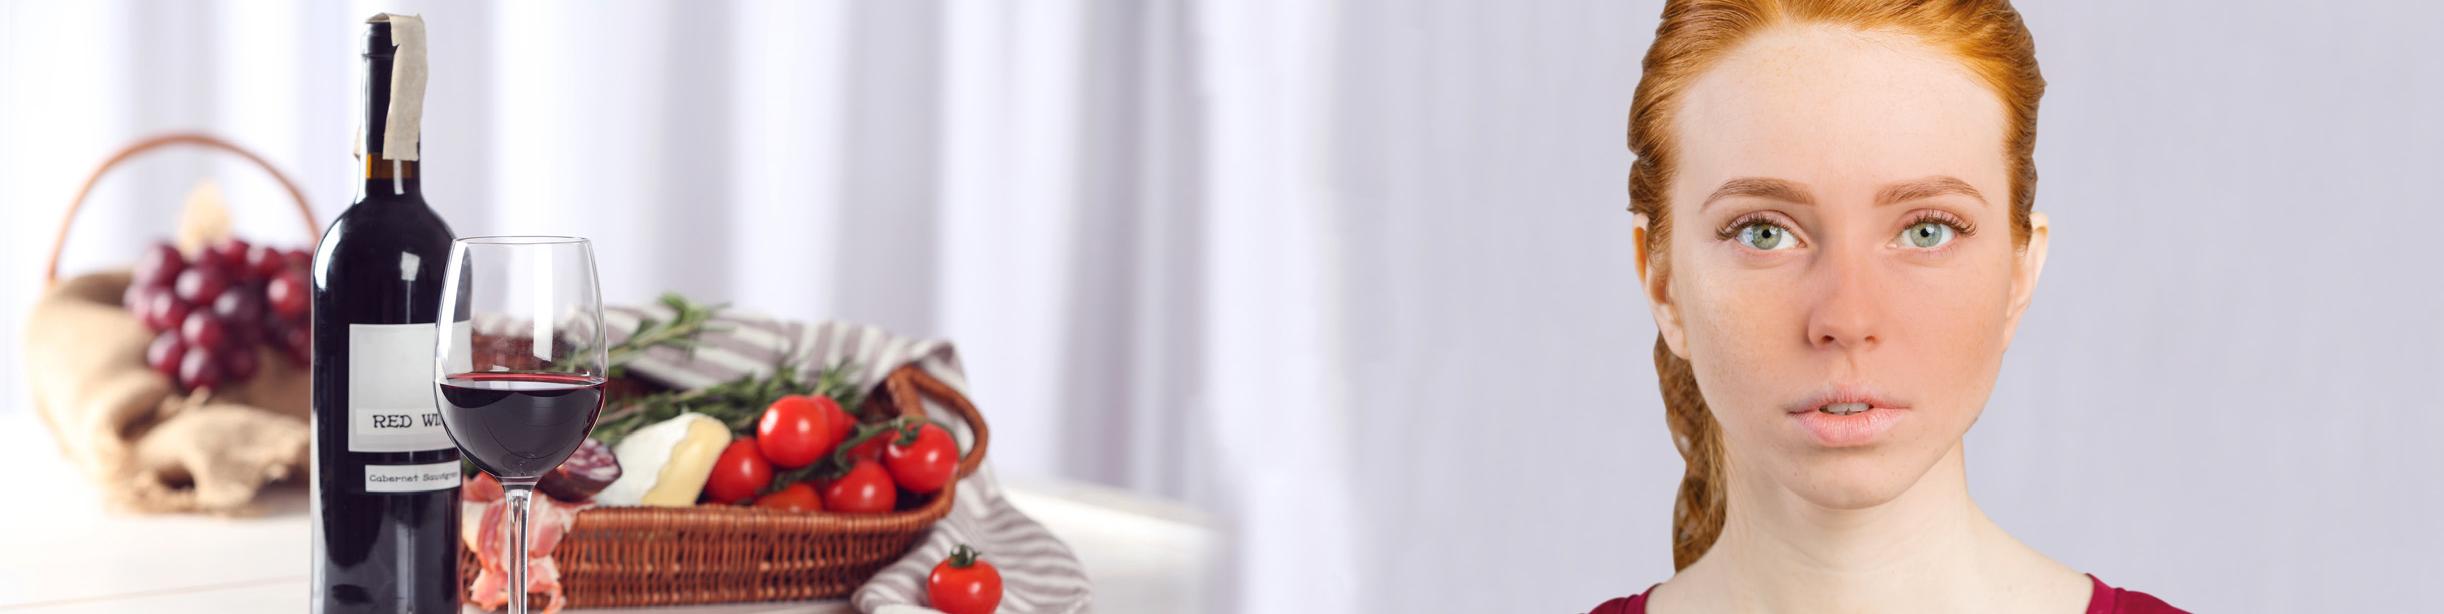 Rotwein, Tomaten, Käse und ein junge Frau mit rotem Gesich